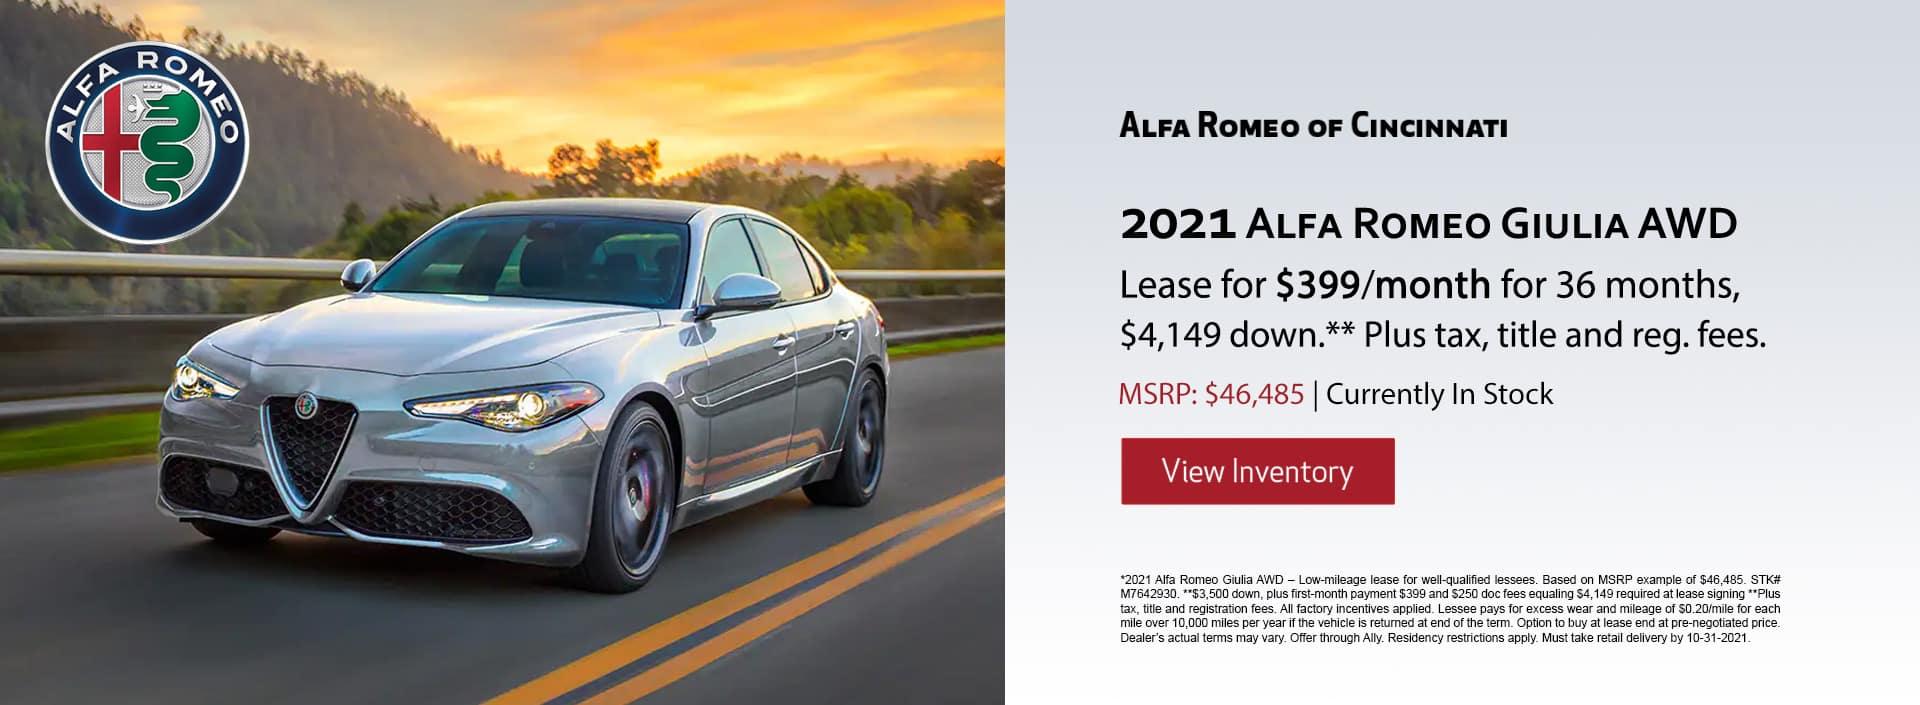 Alfa-Romeo-Lease-Slides-Oct21_v2_Giulia